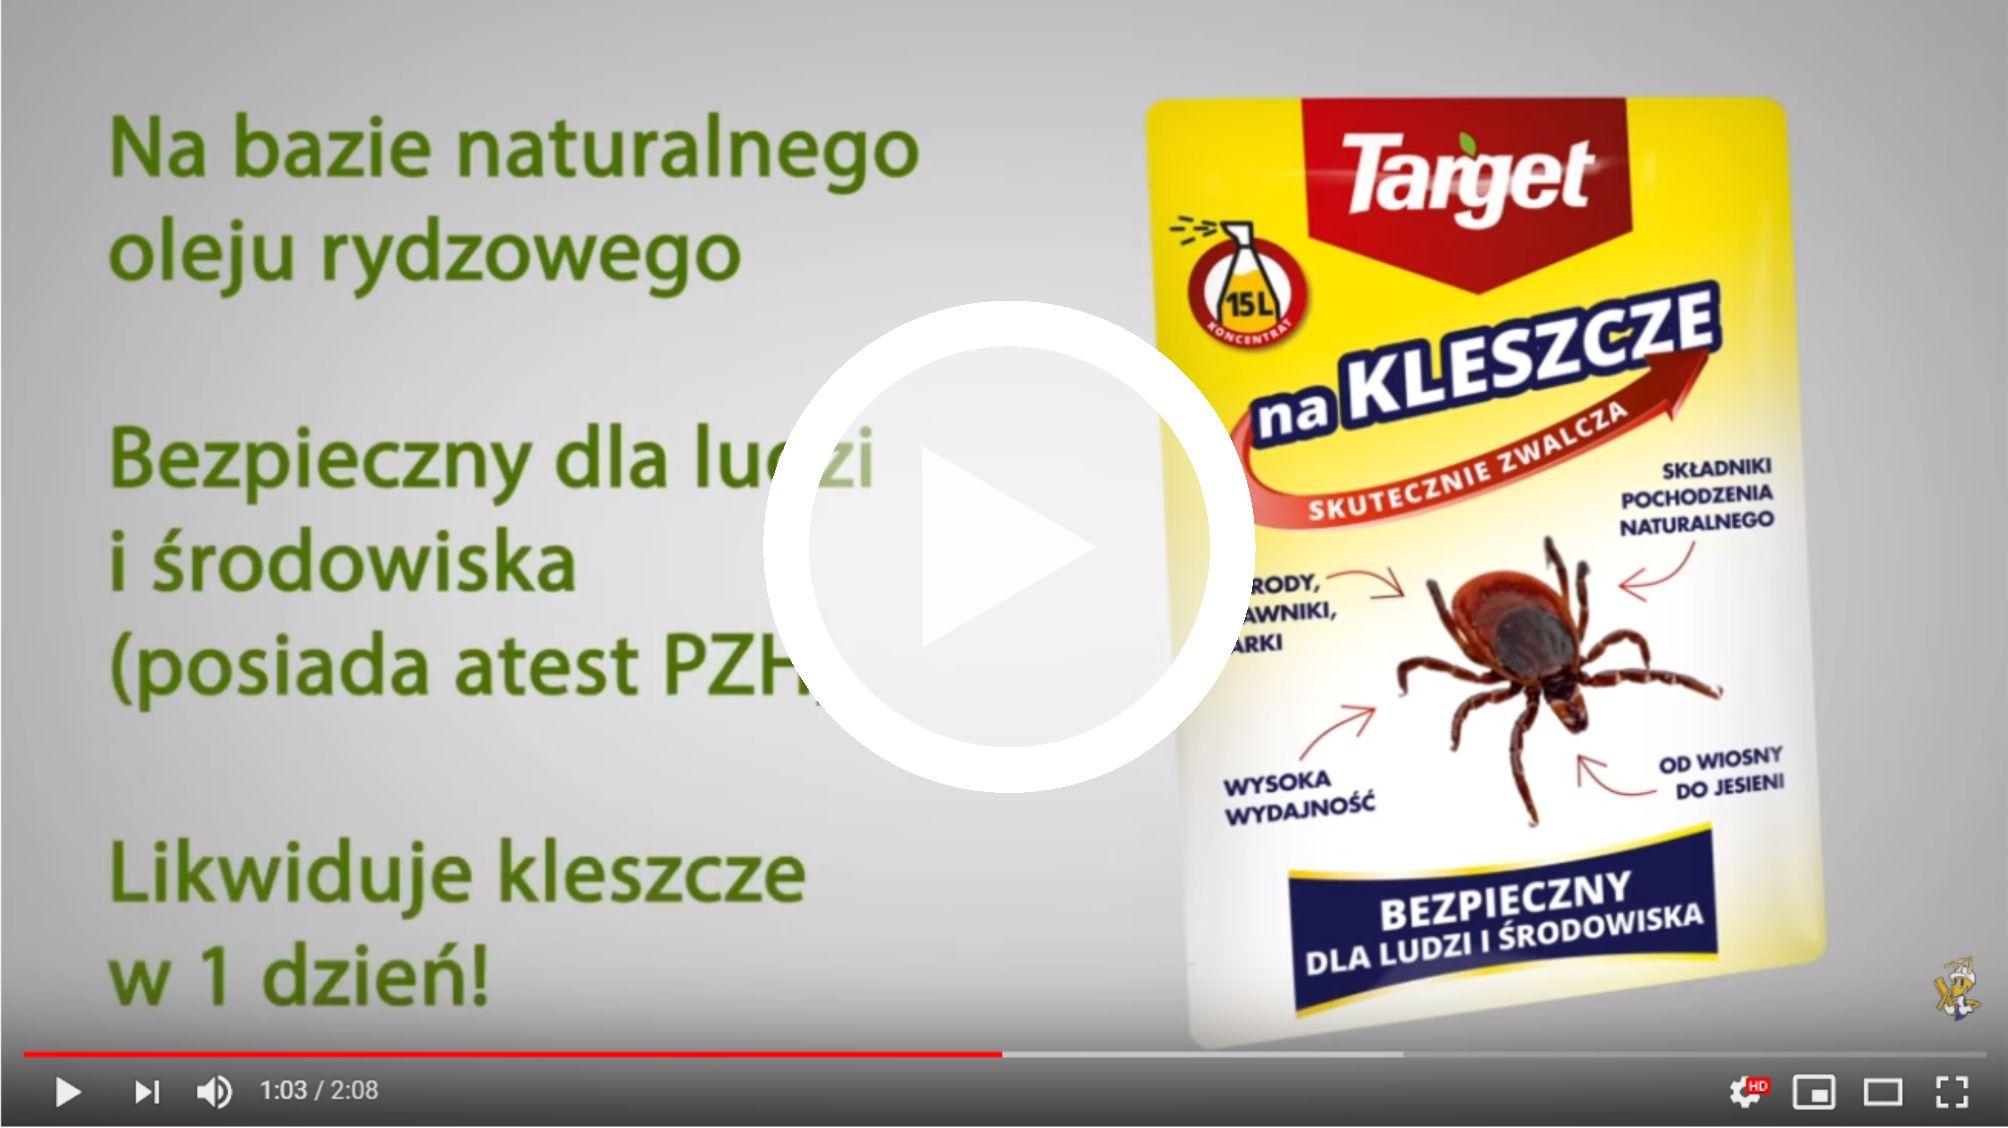 target-na-kleszcze-naturalny-sposob-na-zwalczanie-kleszczy-tamark